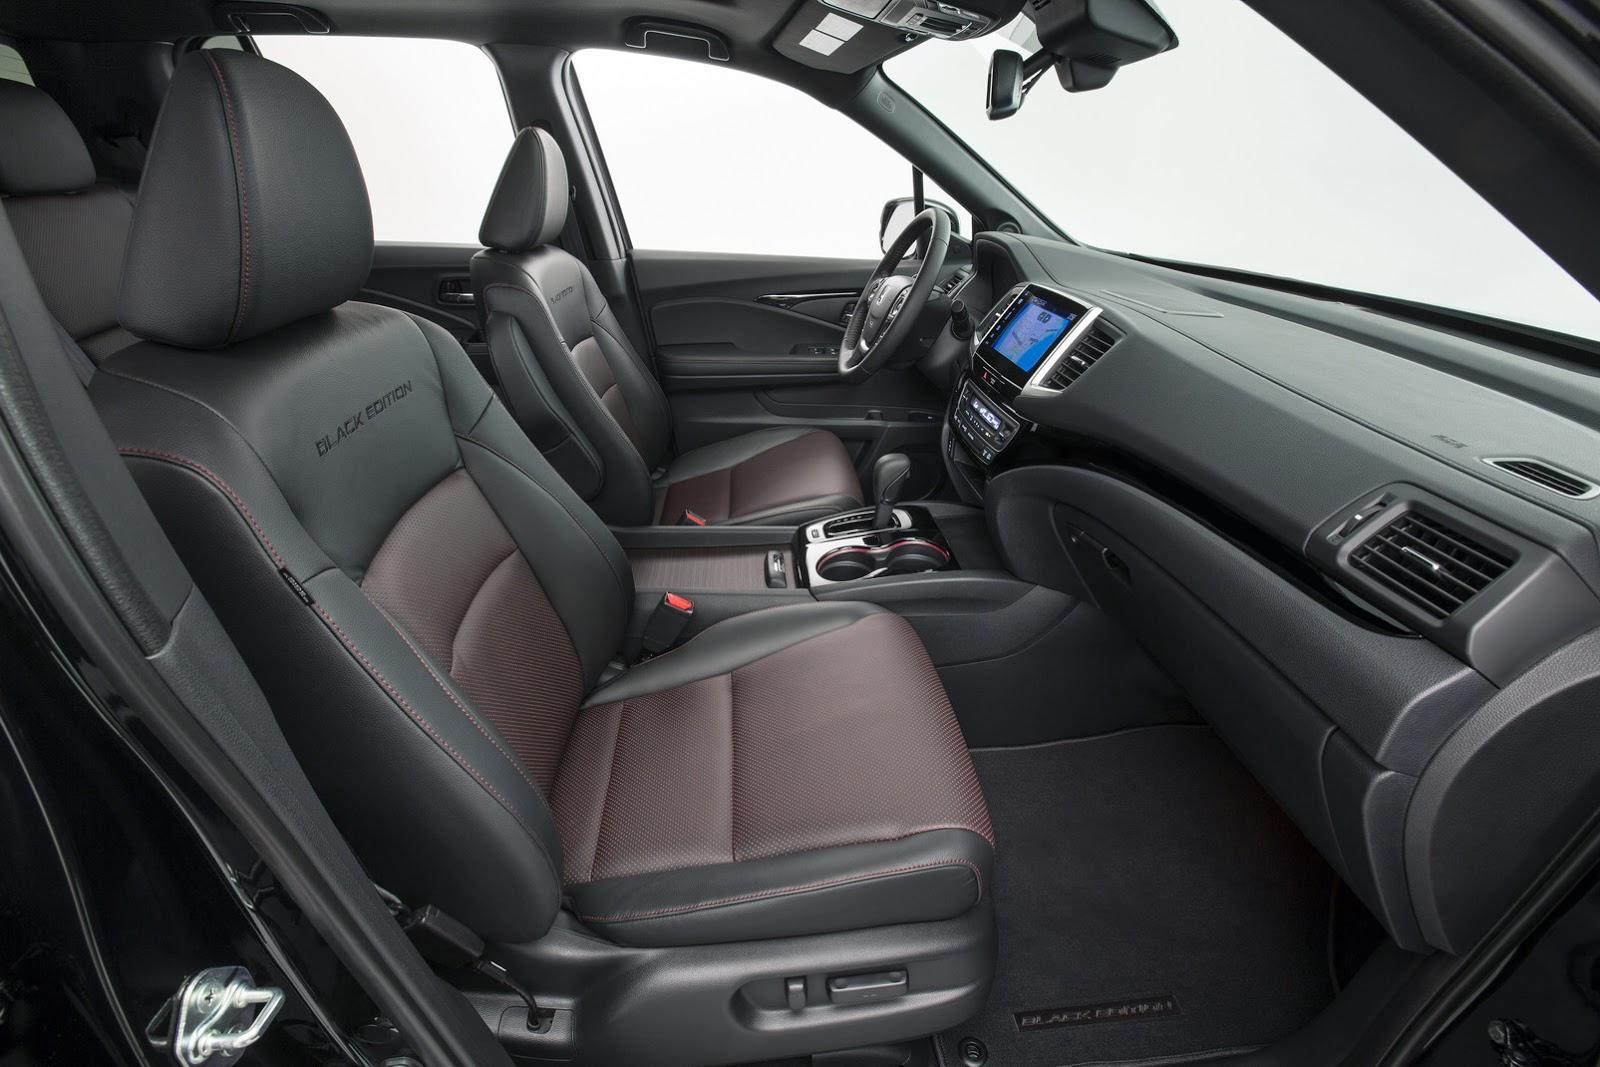 Image Result For Honda Ridgeline Fuel Economy